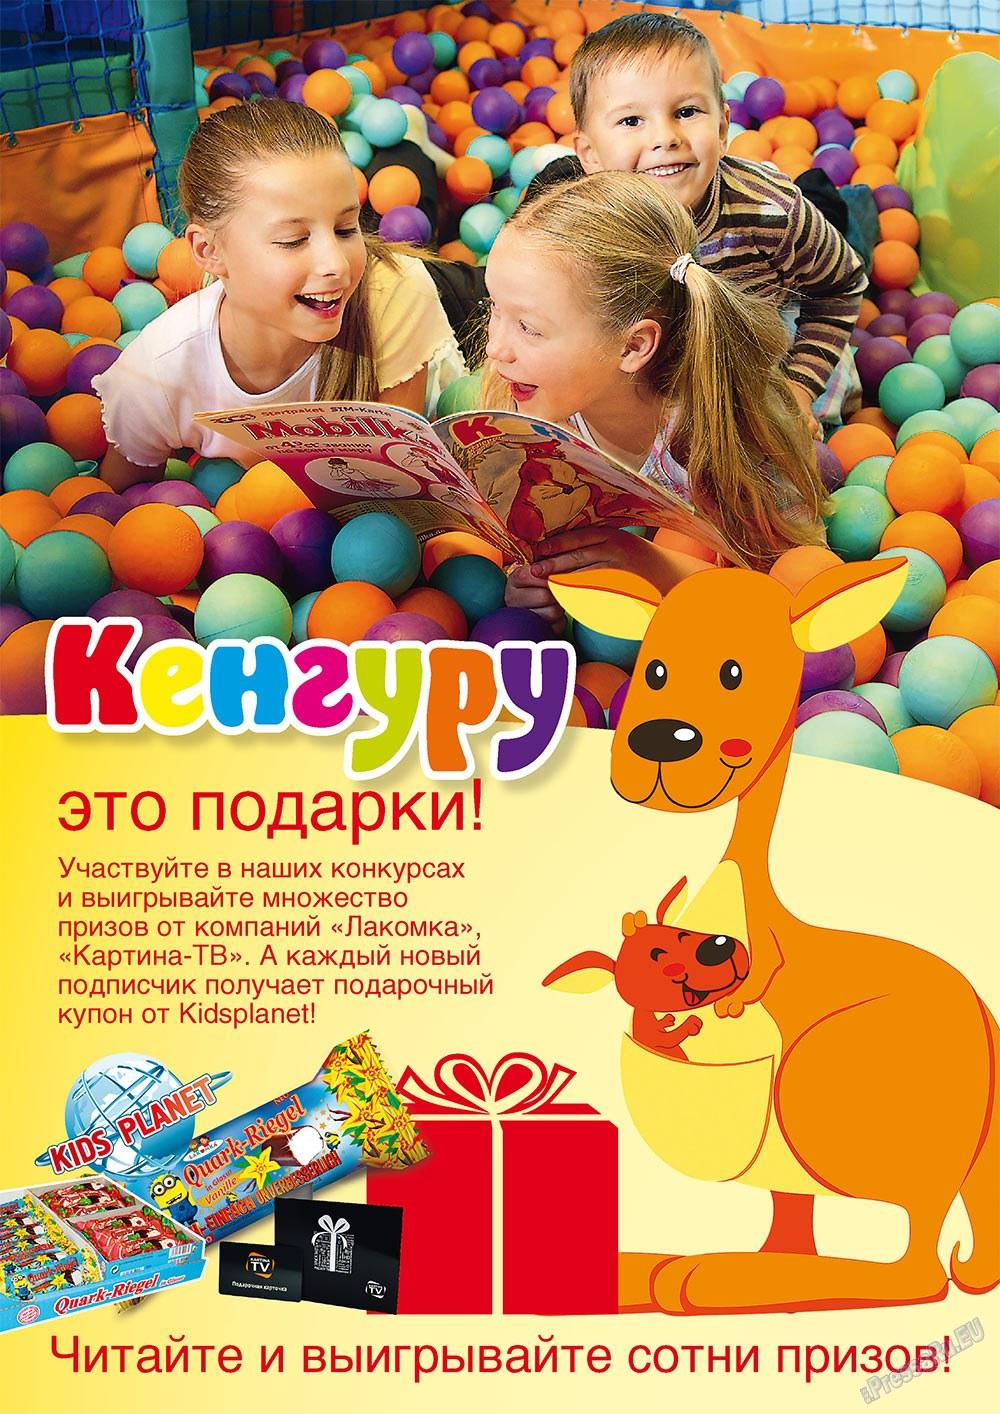 Кенгуру (журнал). 2011 год, номер 3, стр. 2